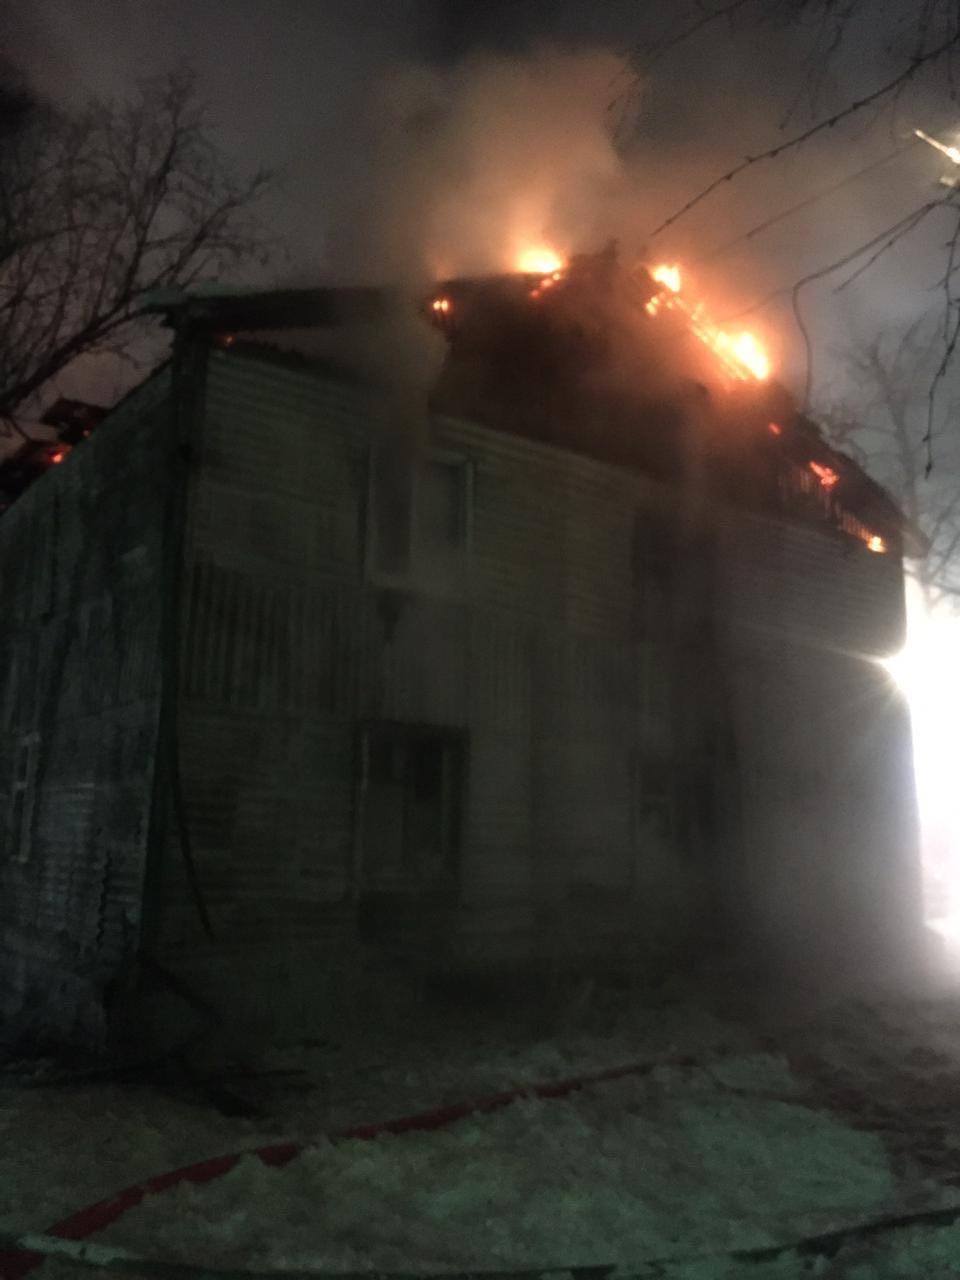 Куда поселить жильцов сгоревшего дома и как им помочь, сейчас решают в администрации города